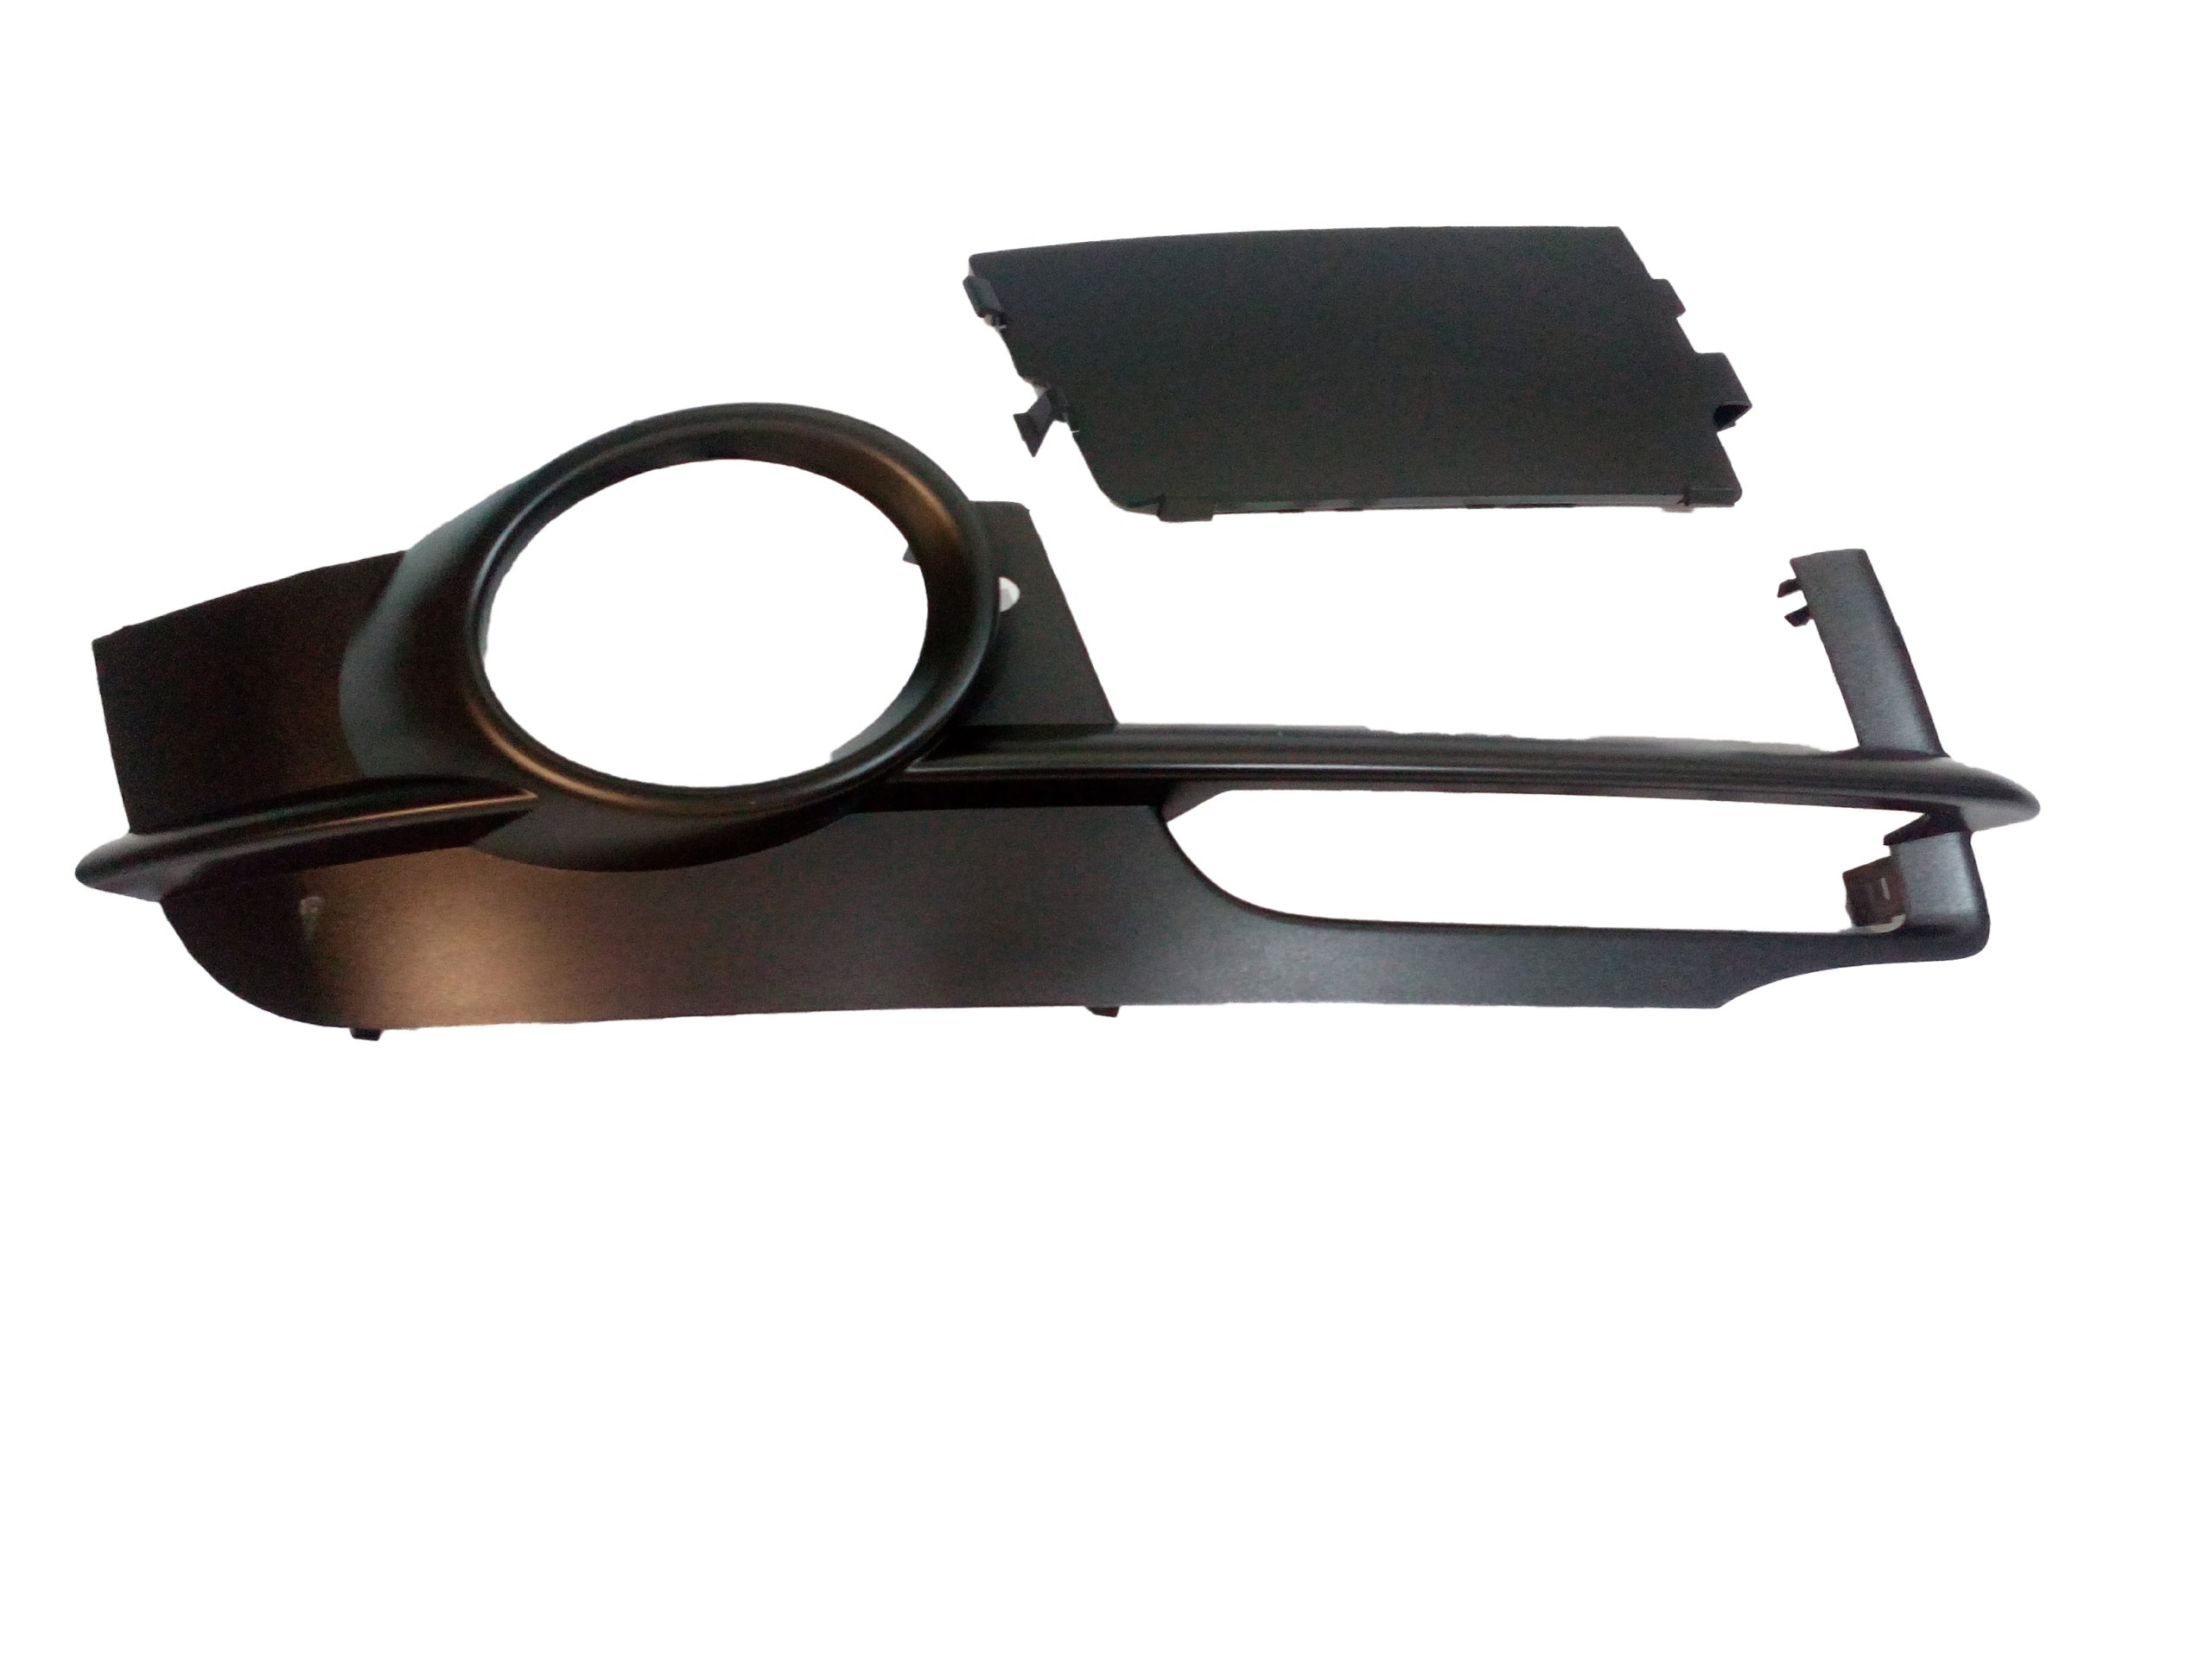 решетка бампера переднего audi a6 c6 allroad - or